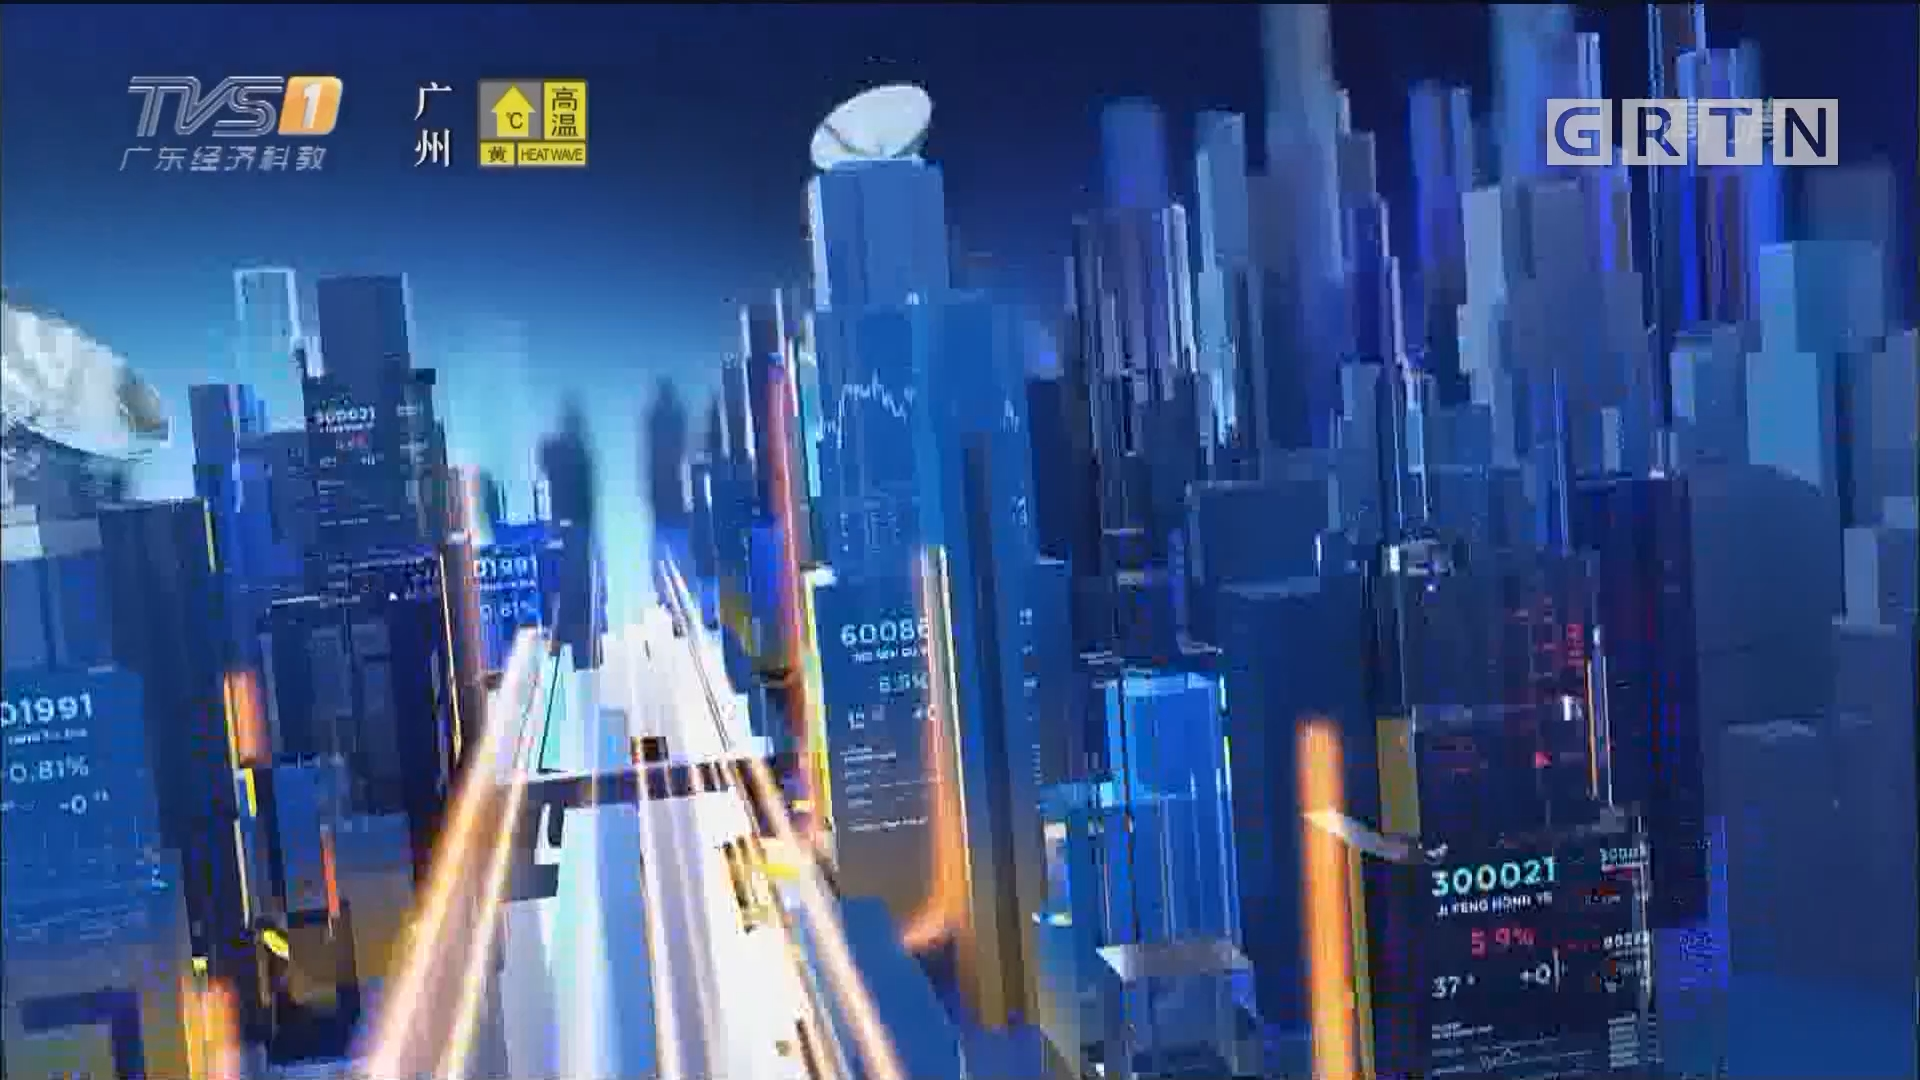 [HD][2019-09-13]股市一线:秋季行情已开启 三大逻辑坚定科技主线